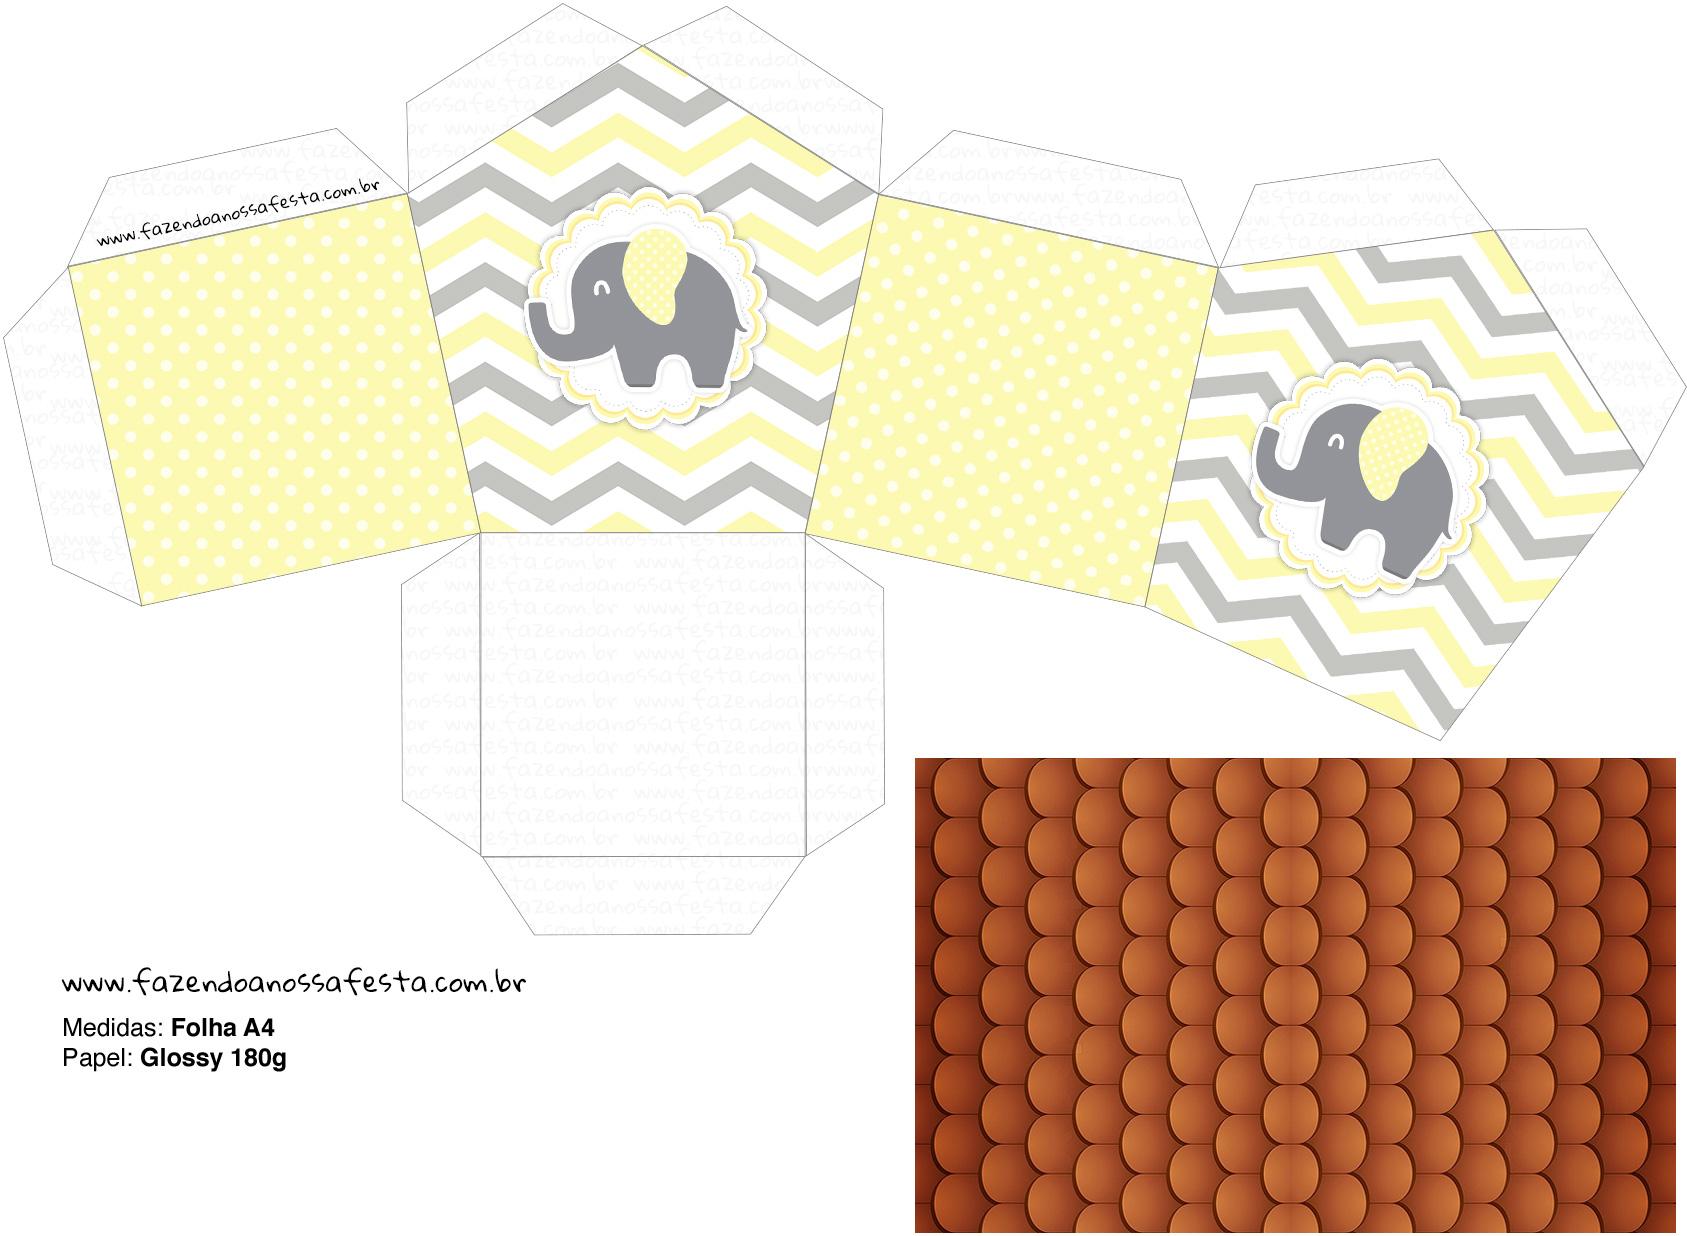 Molde Casinha Elefantinho Chevron Amarelo e Cinza